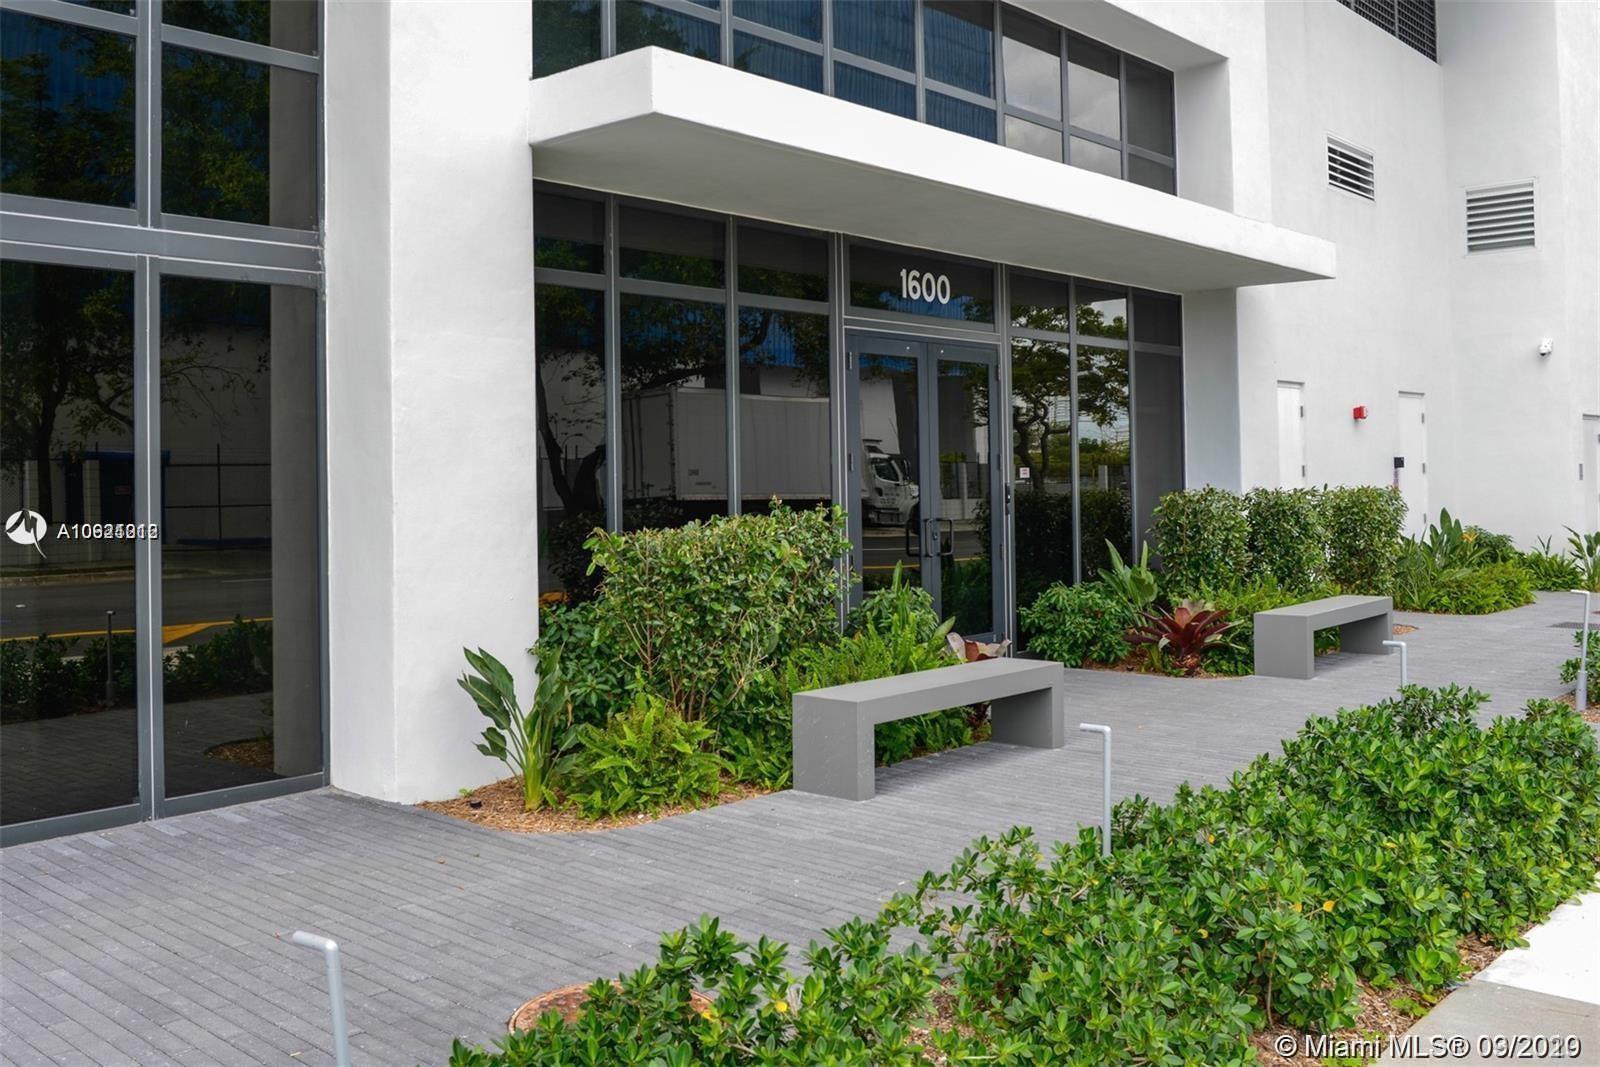 Canvas #1005 - 1600 NE 1st Ave #1005, Miami, FL 33132